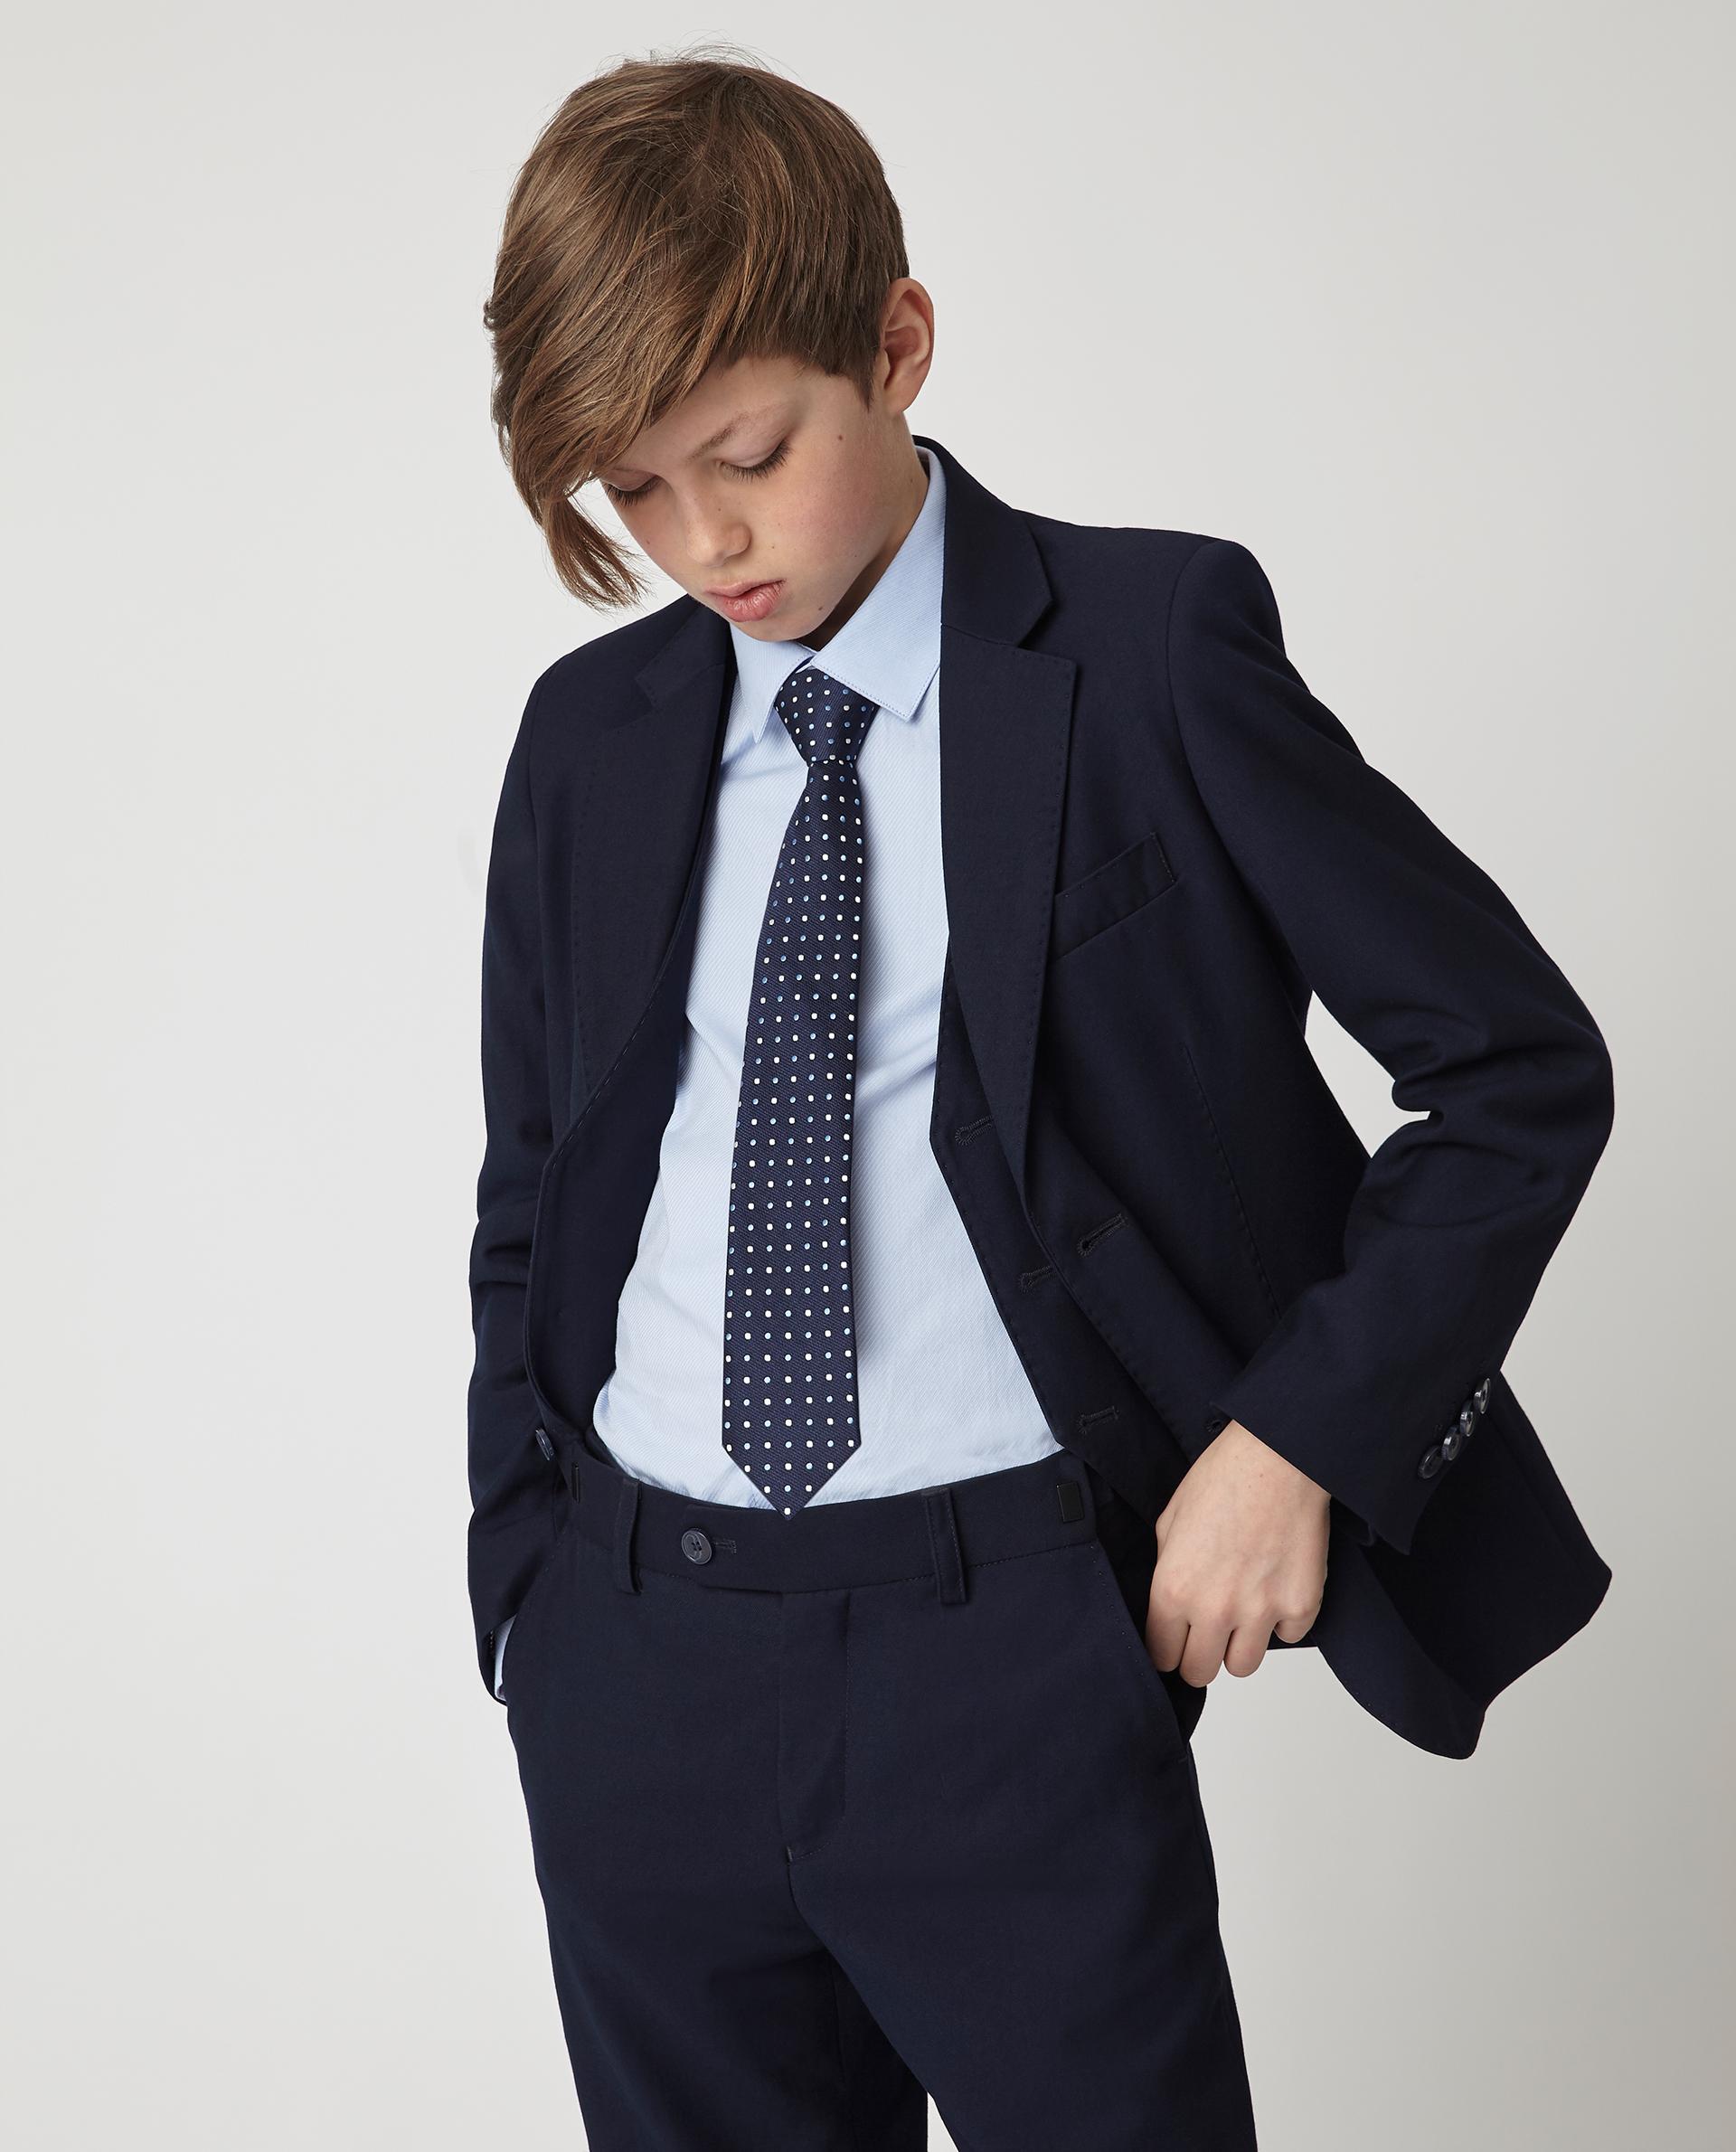 Купить 220GSBC4801, Синий пиджак Gulliver, синий, 140, Мужской, Демисезон, ШКОЛЬНАЯ ФОРМА 2020-2021 (shop: GulliverMarket Gulliver Market)